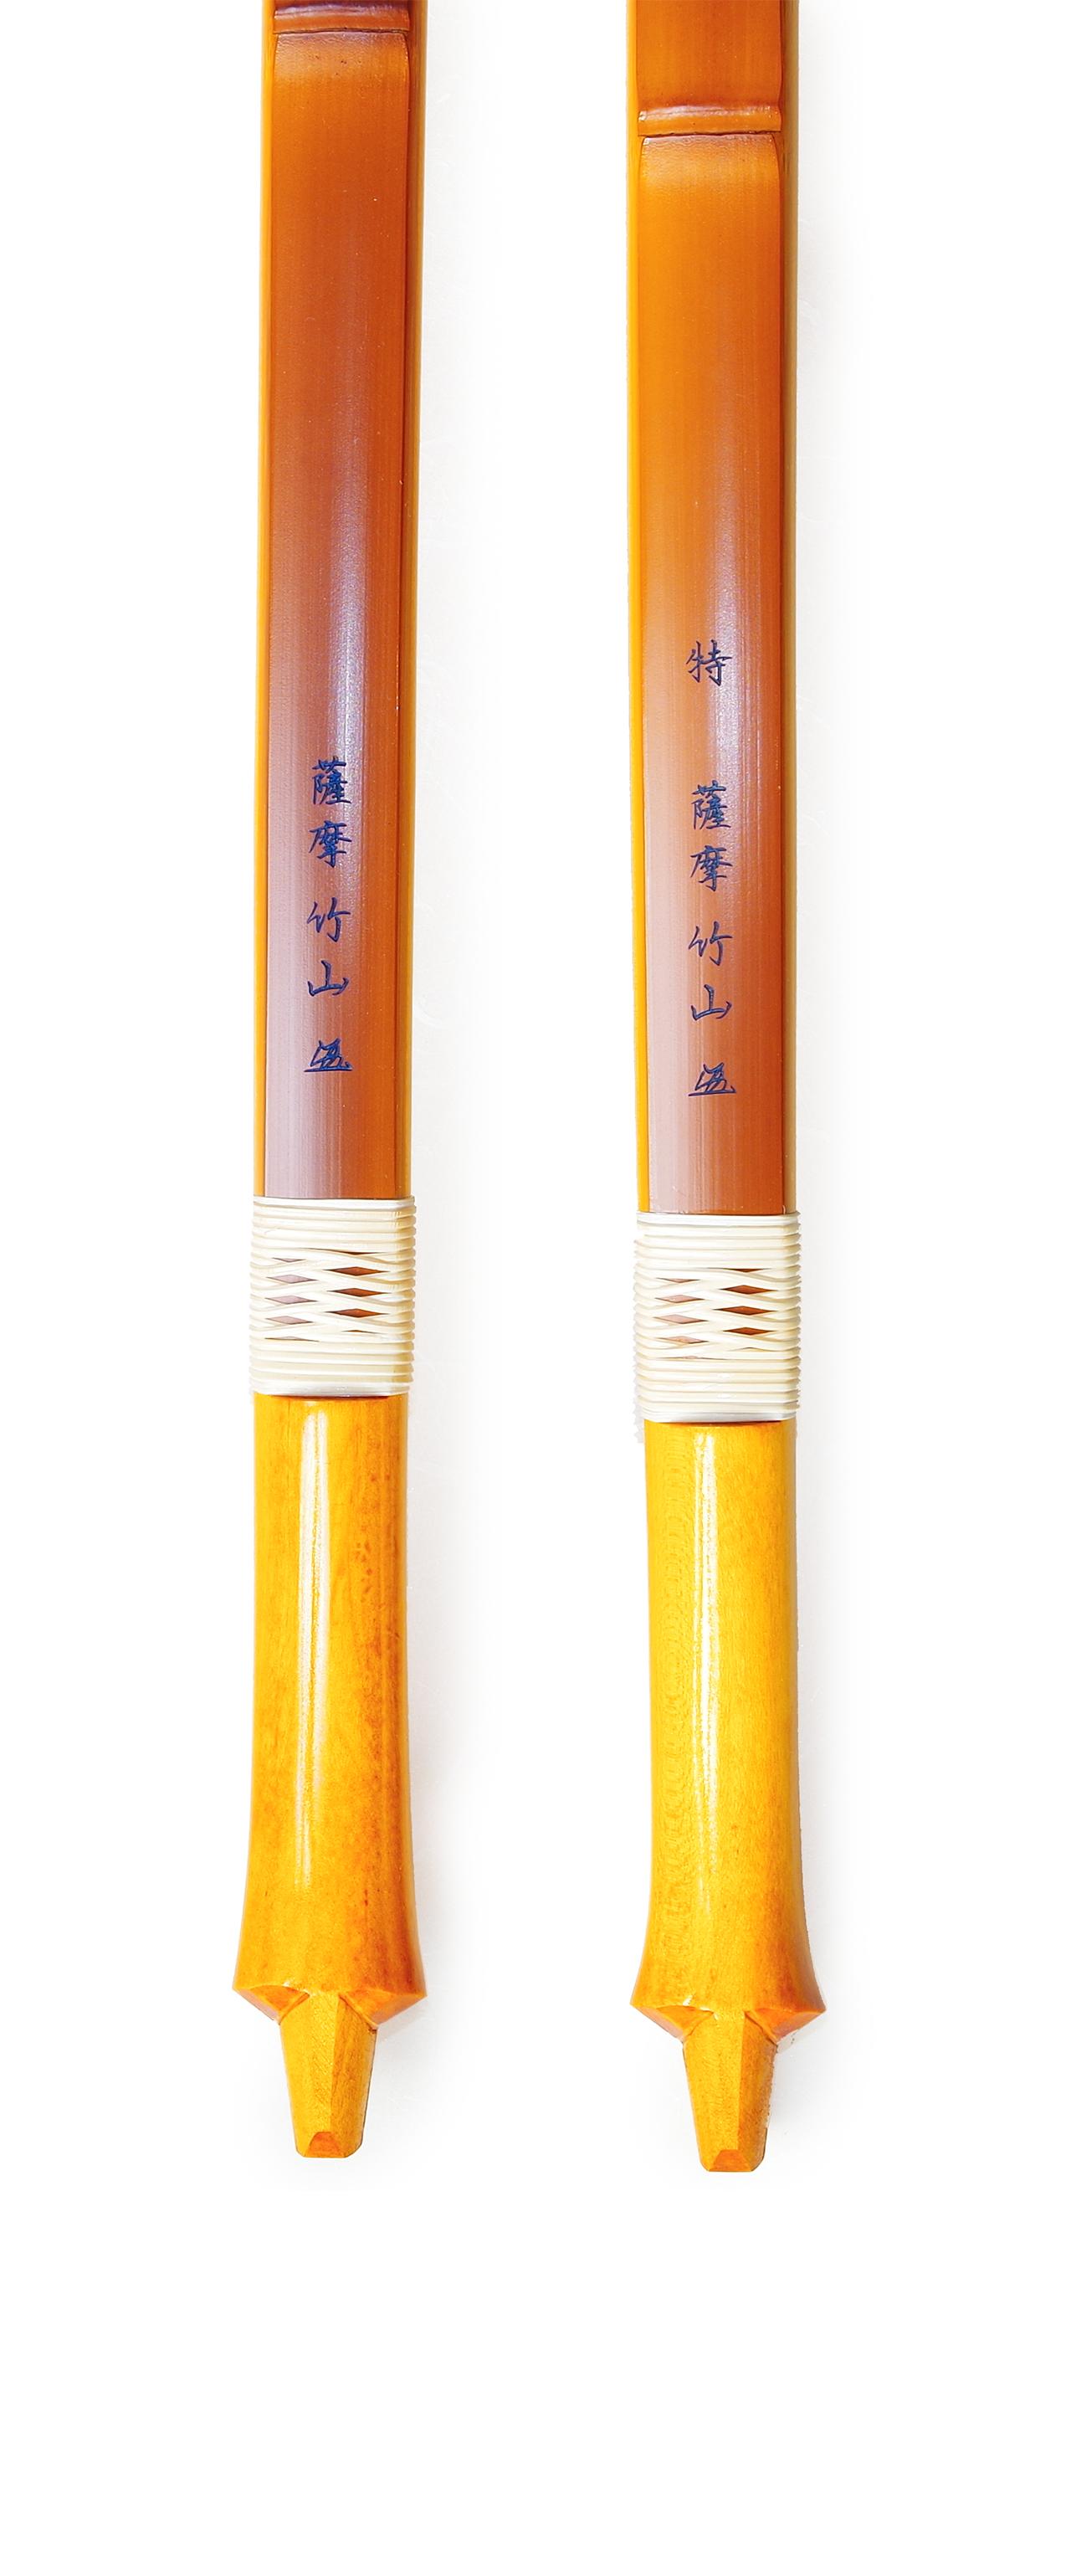 弓 長谷川弓具店 公式サイト